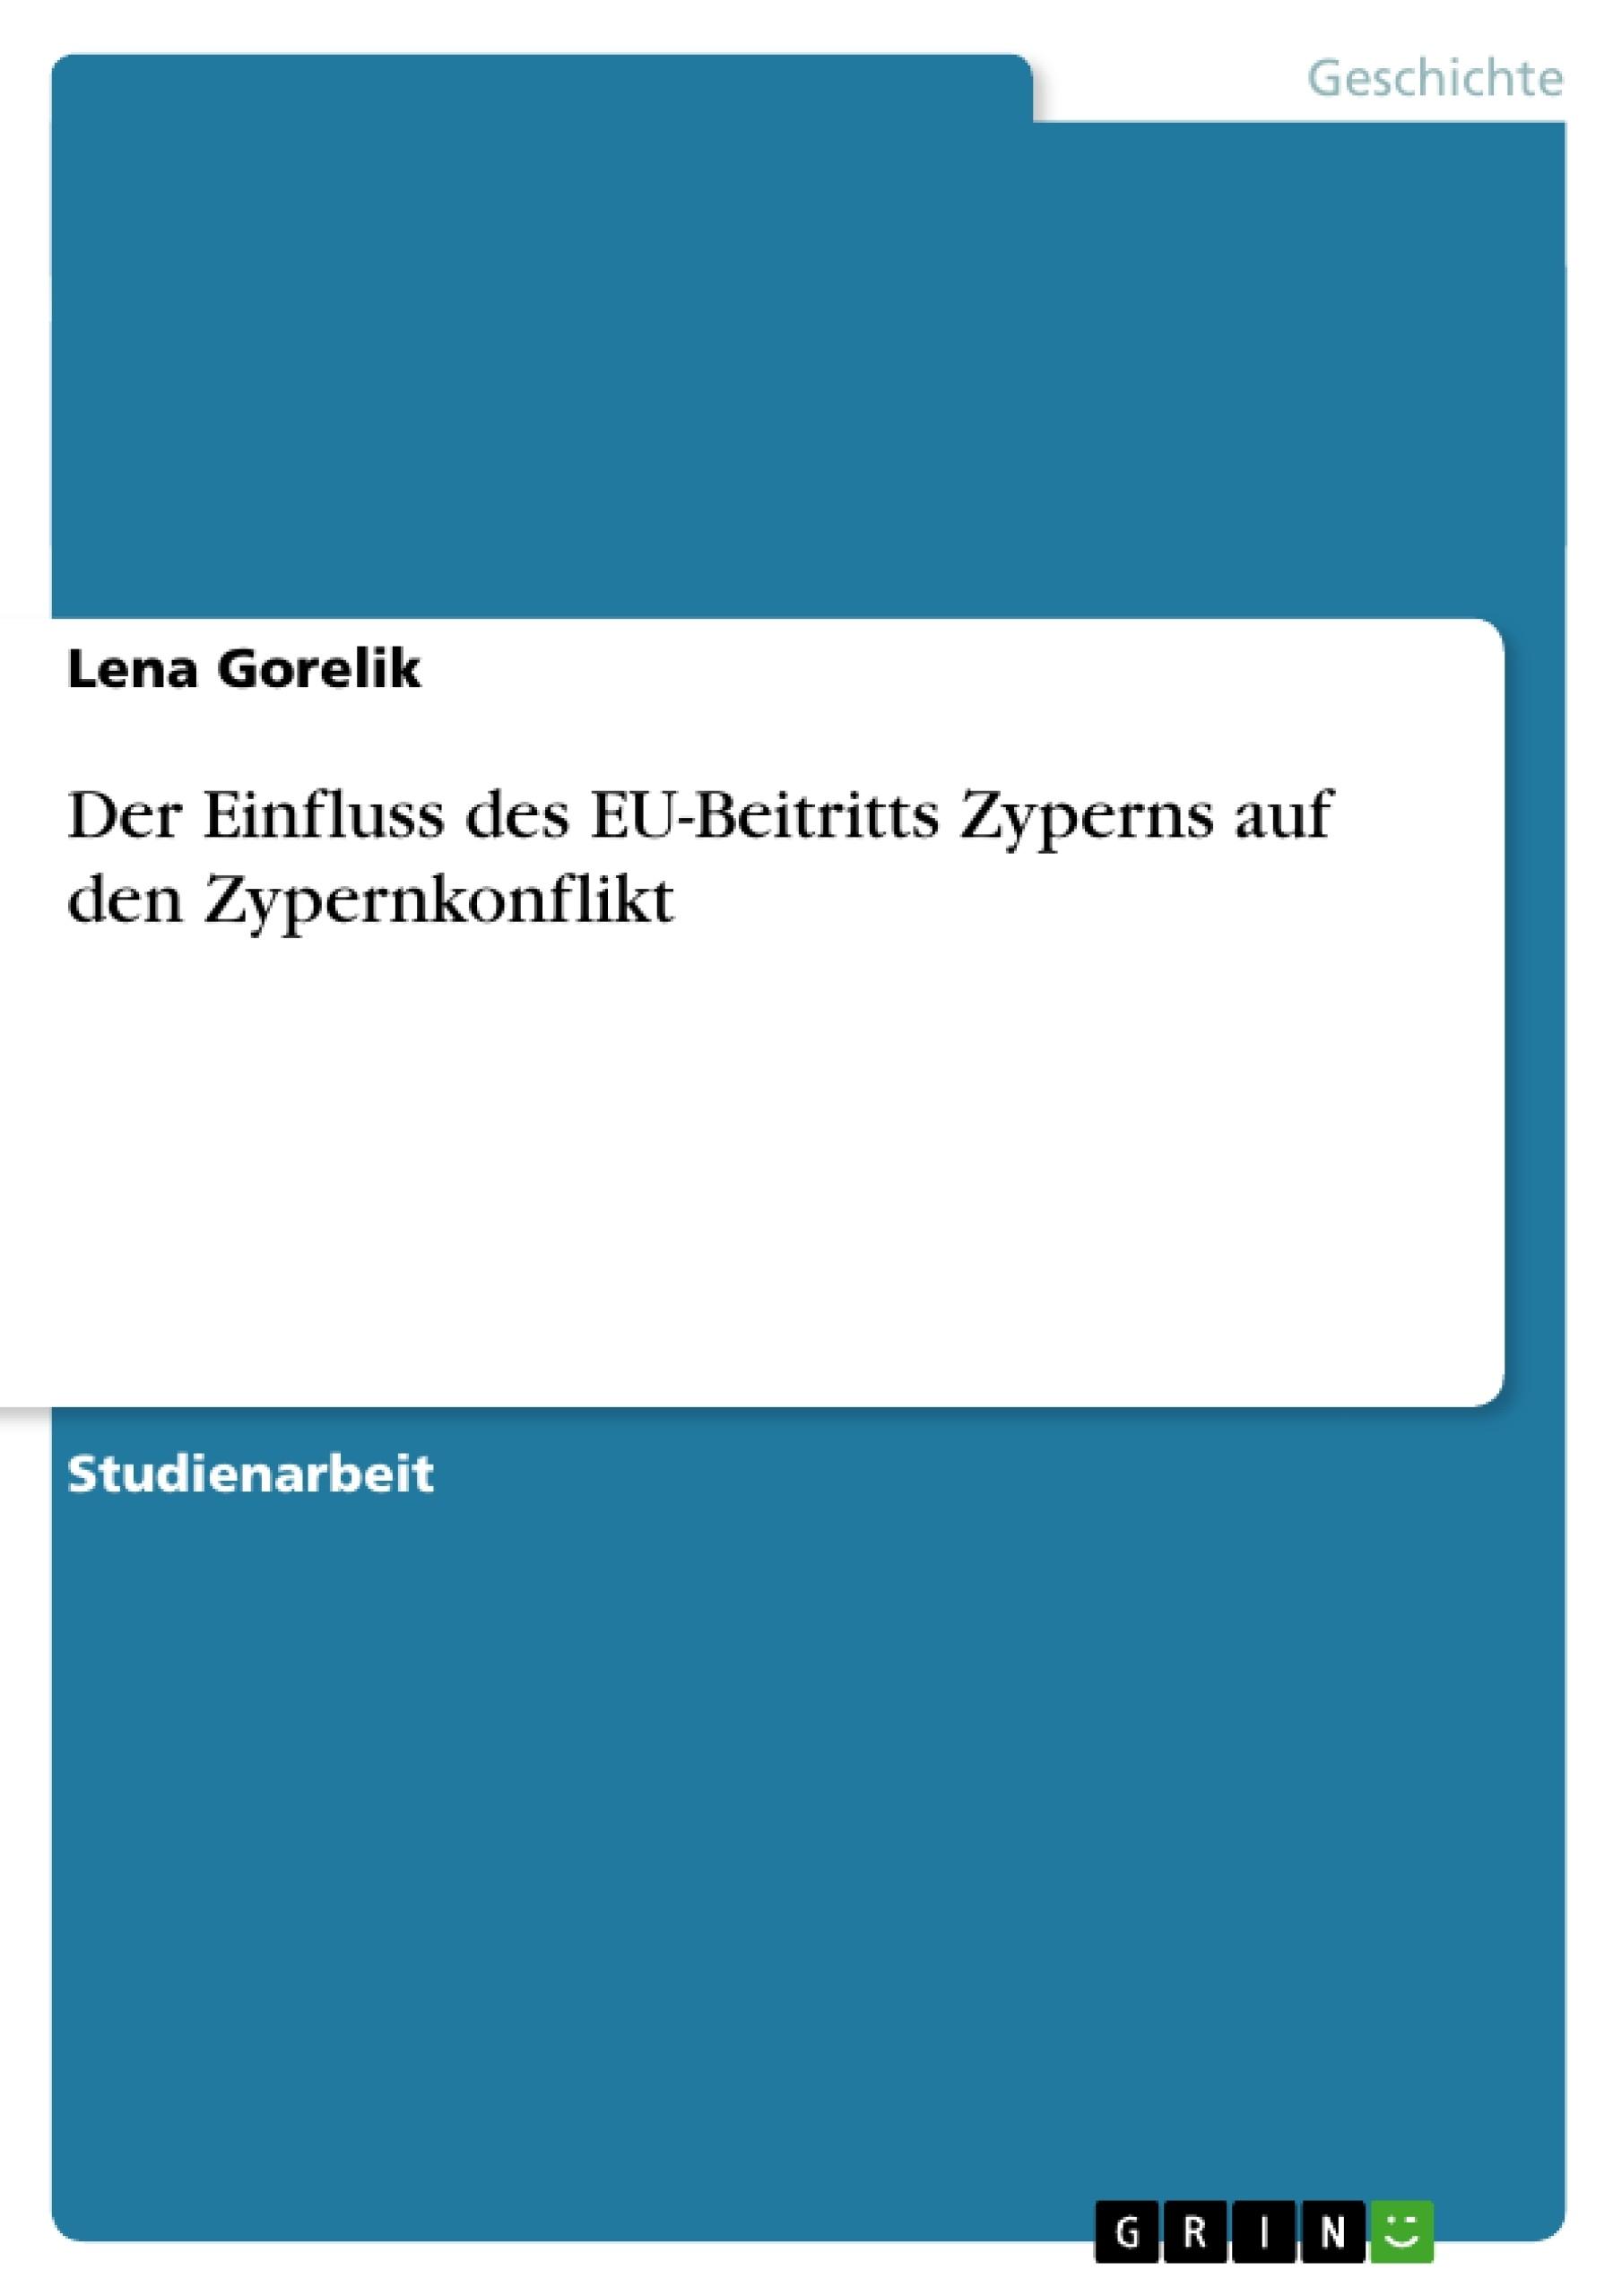 Titel: Der Einfluss des EU-Beitritts Zyperns auf den Zypernkonflikt